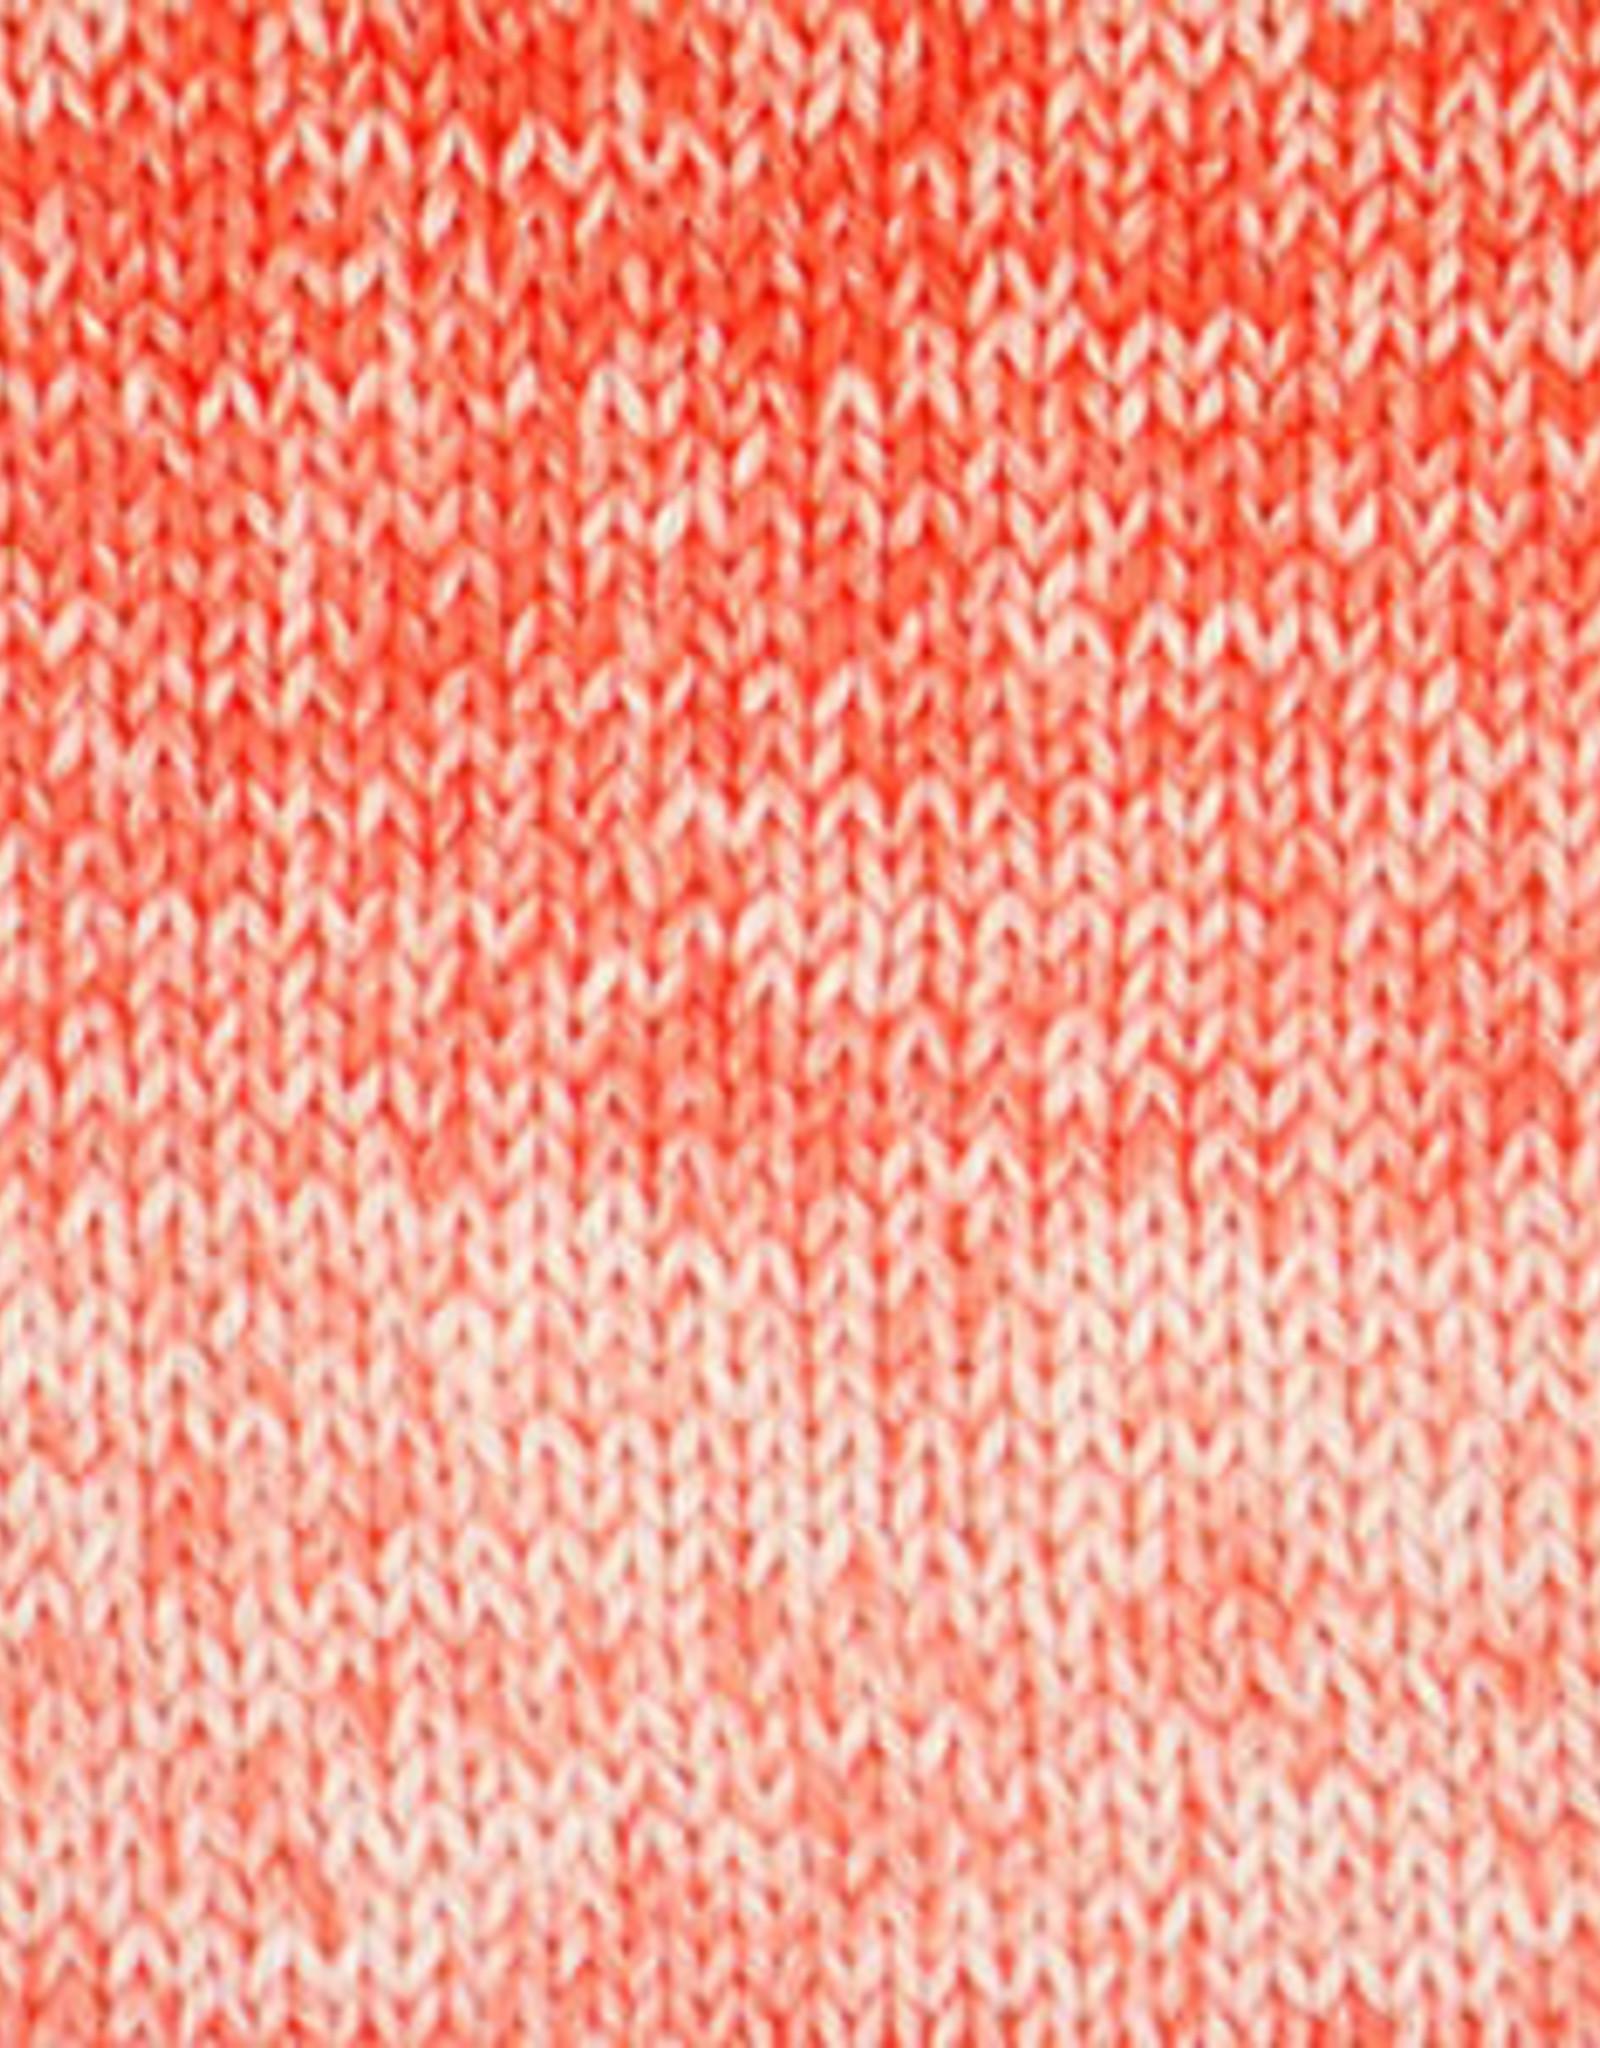 Universal Yarn Cotton Supreme Dk Seaspray 312 Apricot